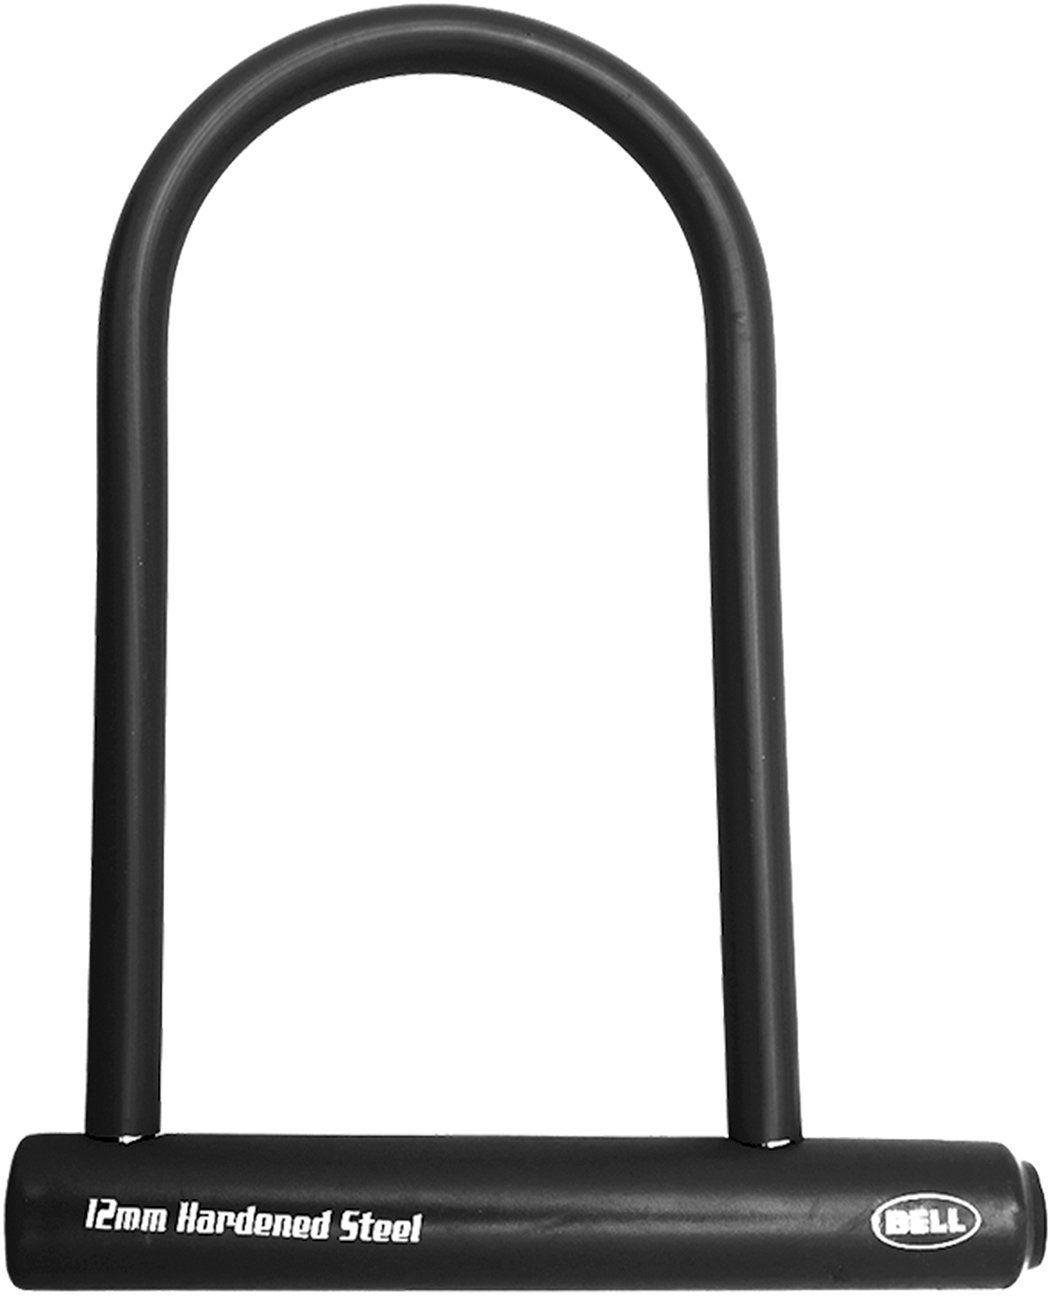 Top 10 Best Bike Locks Reviews In 2016 With Images Bike Lock